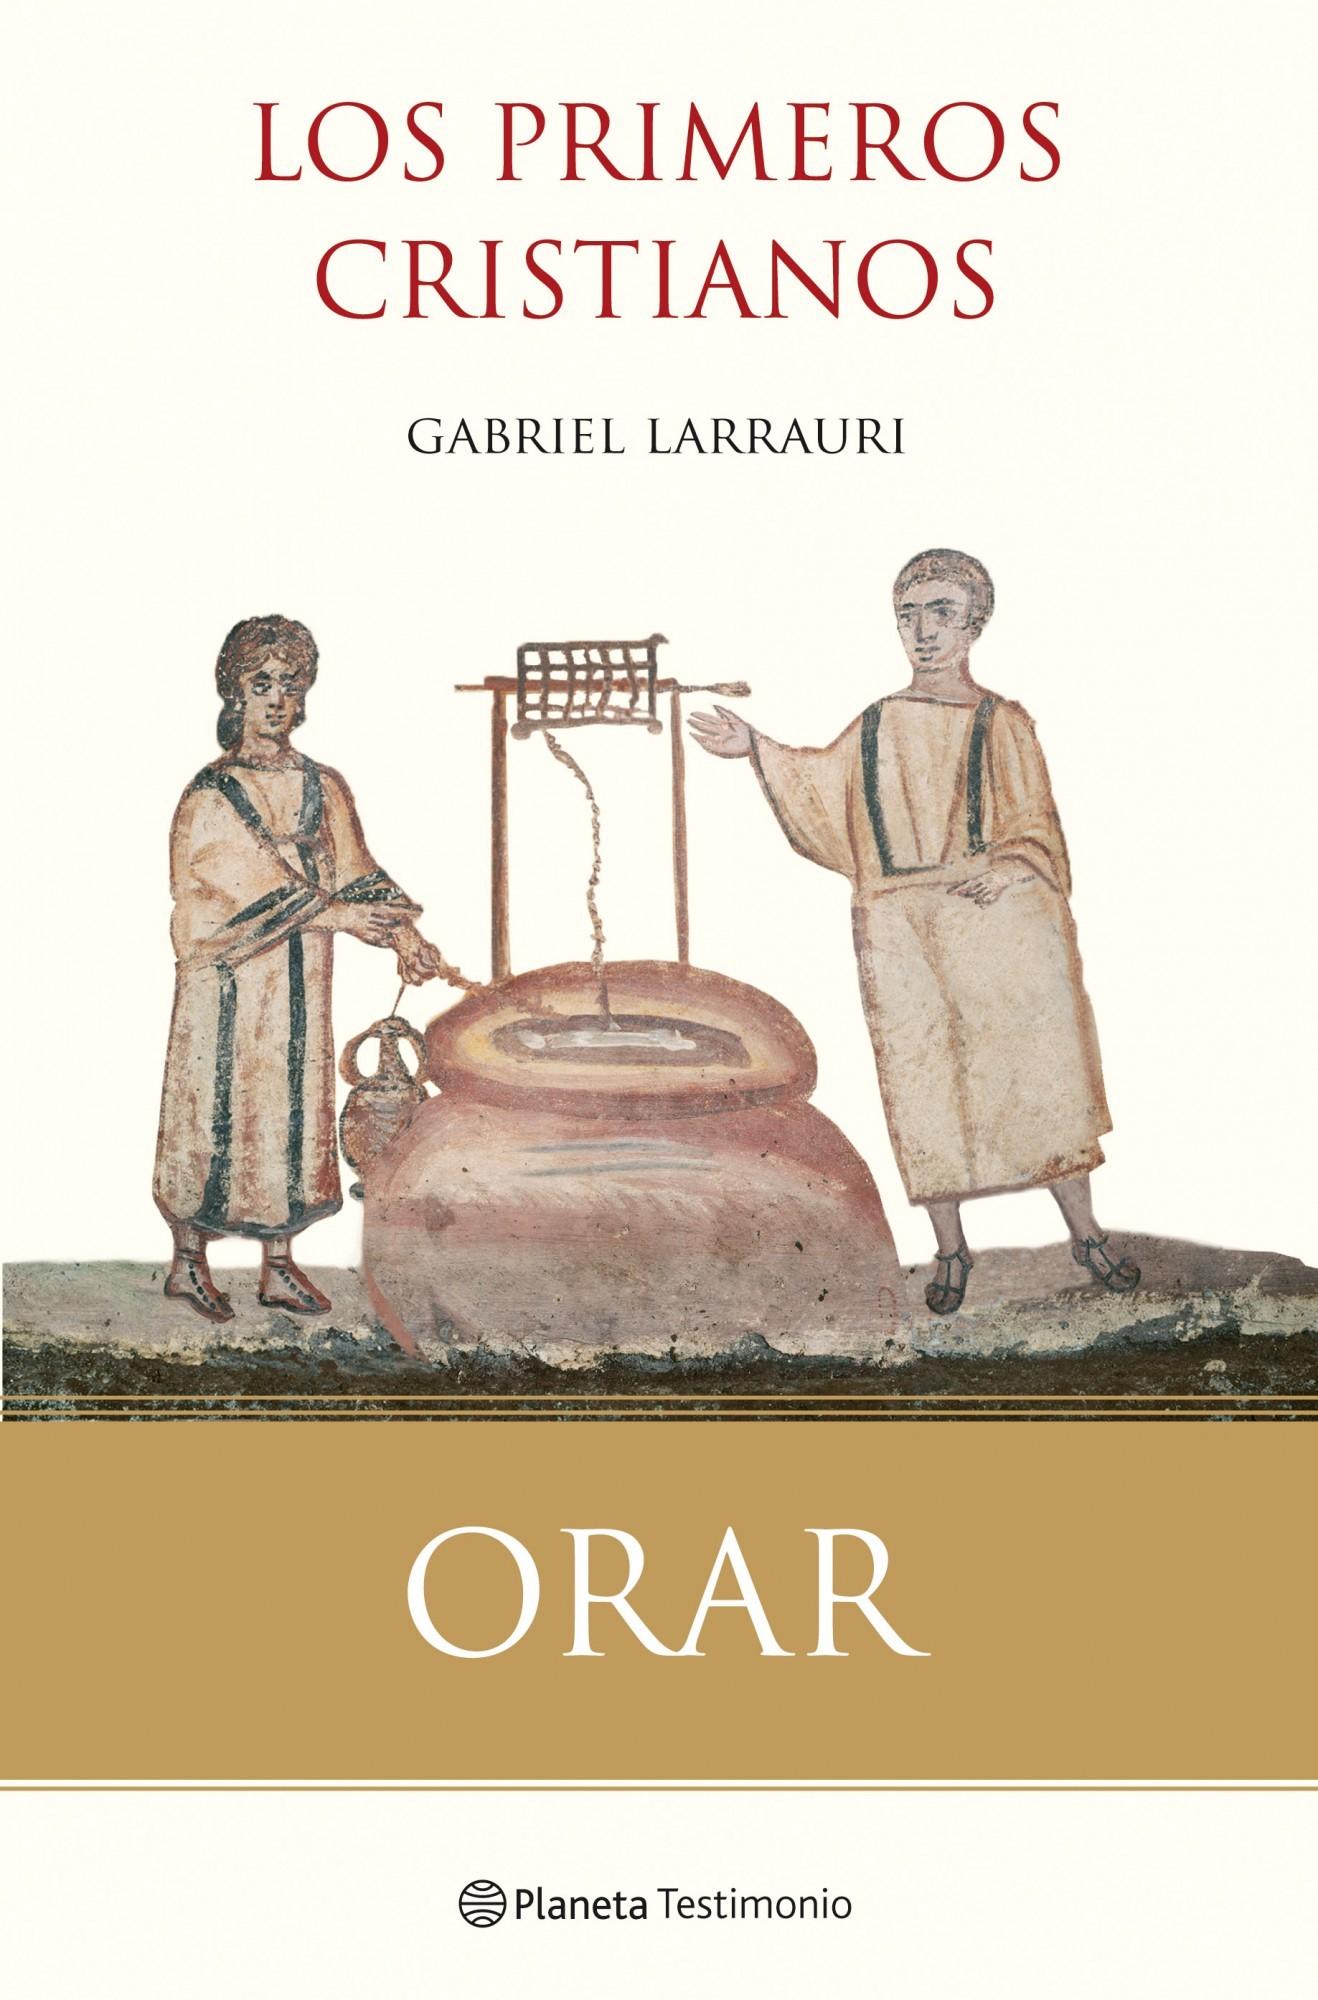 ORAR CON LOS PRIMEROS CRISTIANOS - Gabriel Larrauri 2